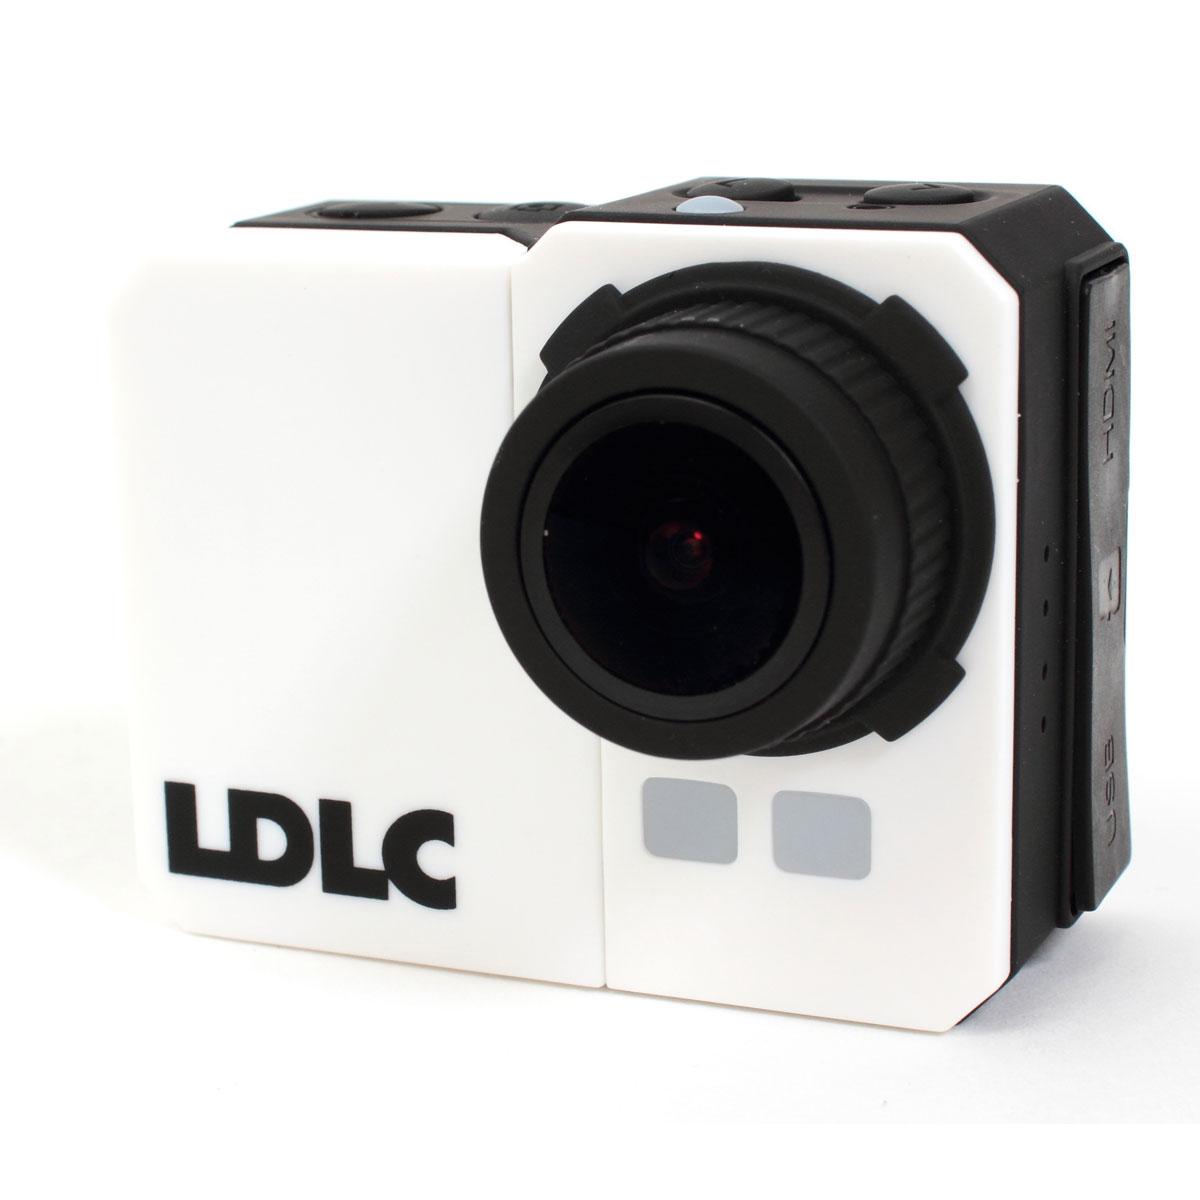 Caméra sportive LDLC Touch C1 Caméscope Full HD pour sportif à mémoire flash avec Wi-Fi intégré + boîtier étanche IP68 + carte microSDHC 8 Go + kit d'accessoires